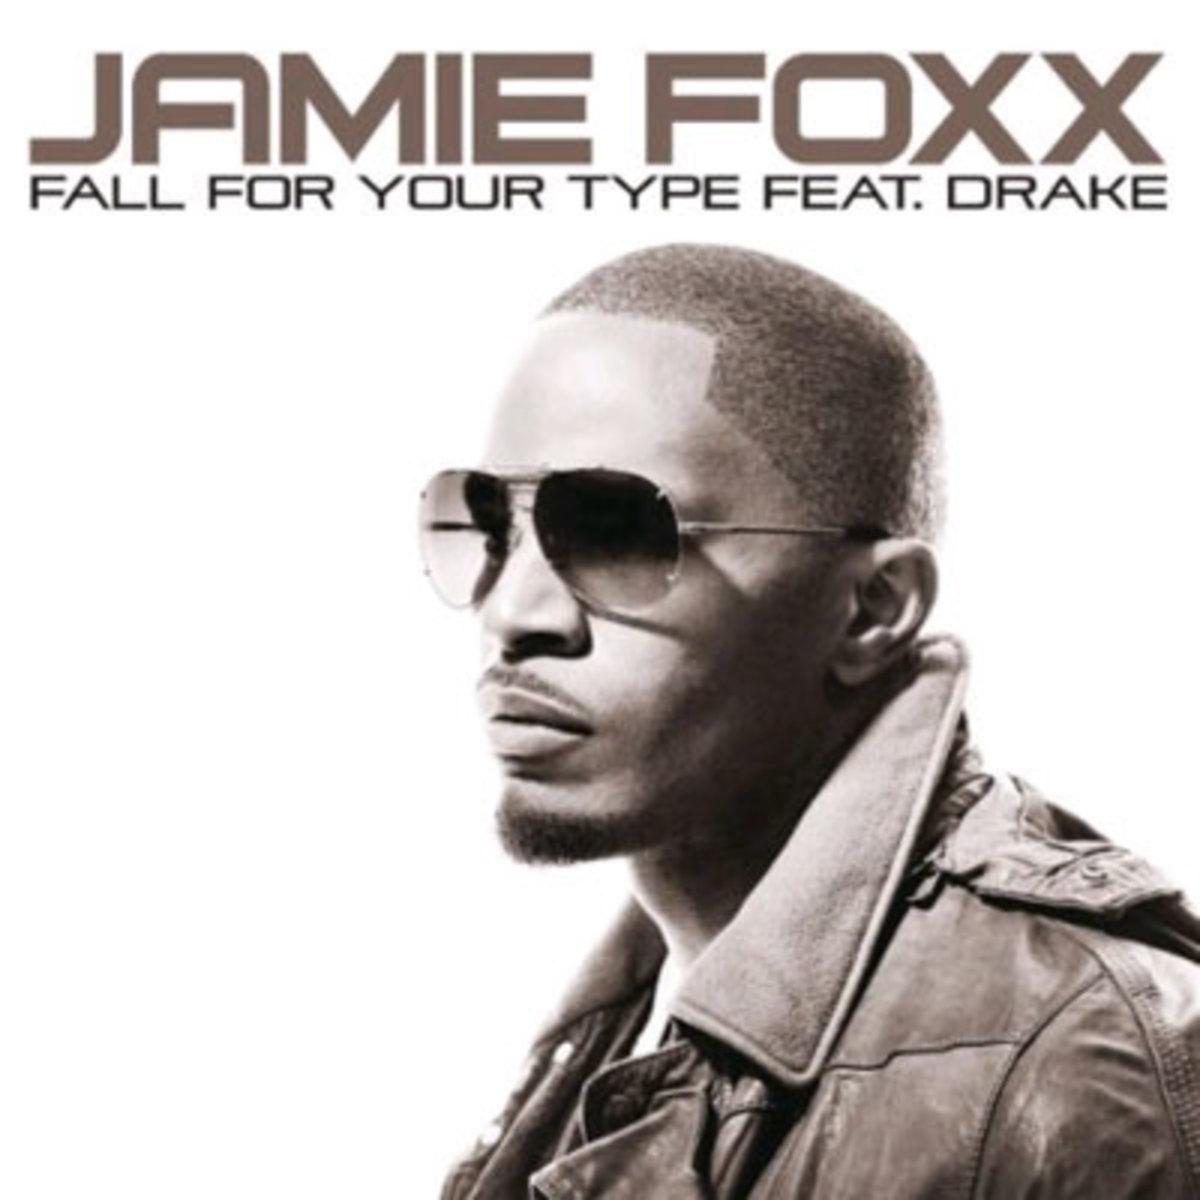 jamiefoxx-fallforyourtype.jpg